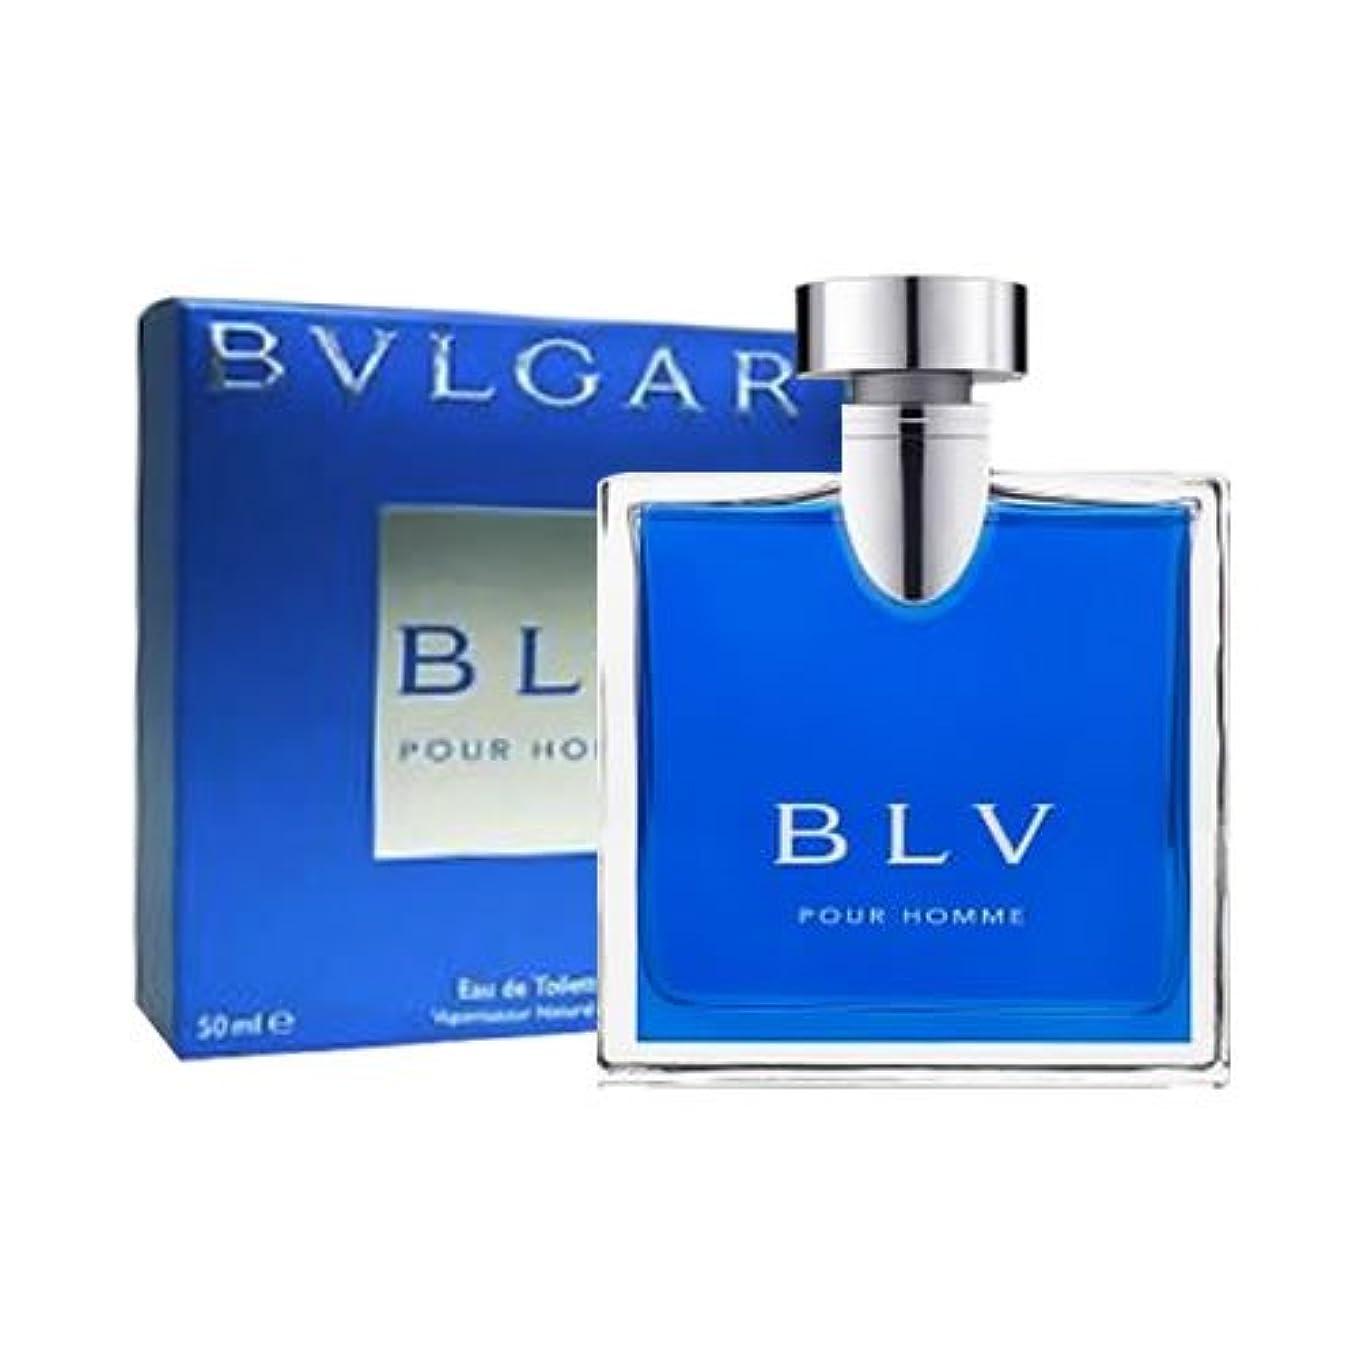 満足させるインド端ブルガリ BVLGARI ブルー プールオム EDT SP 50ml [並行輸入品]